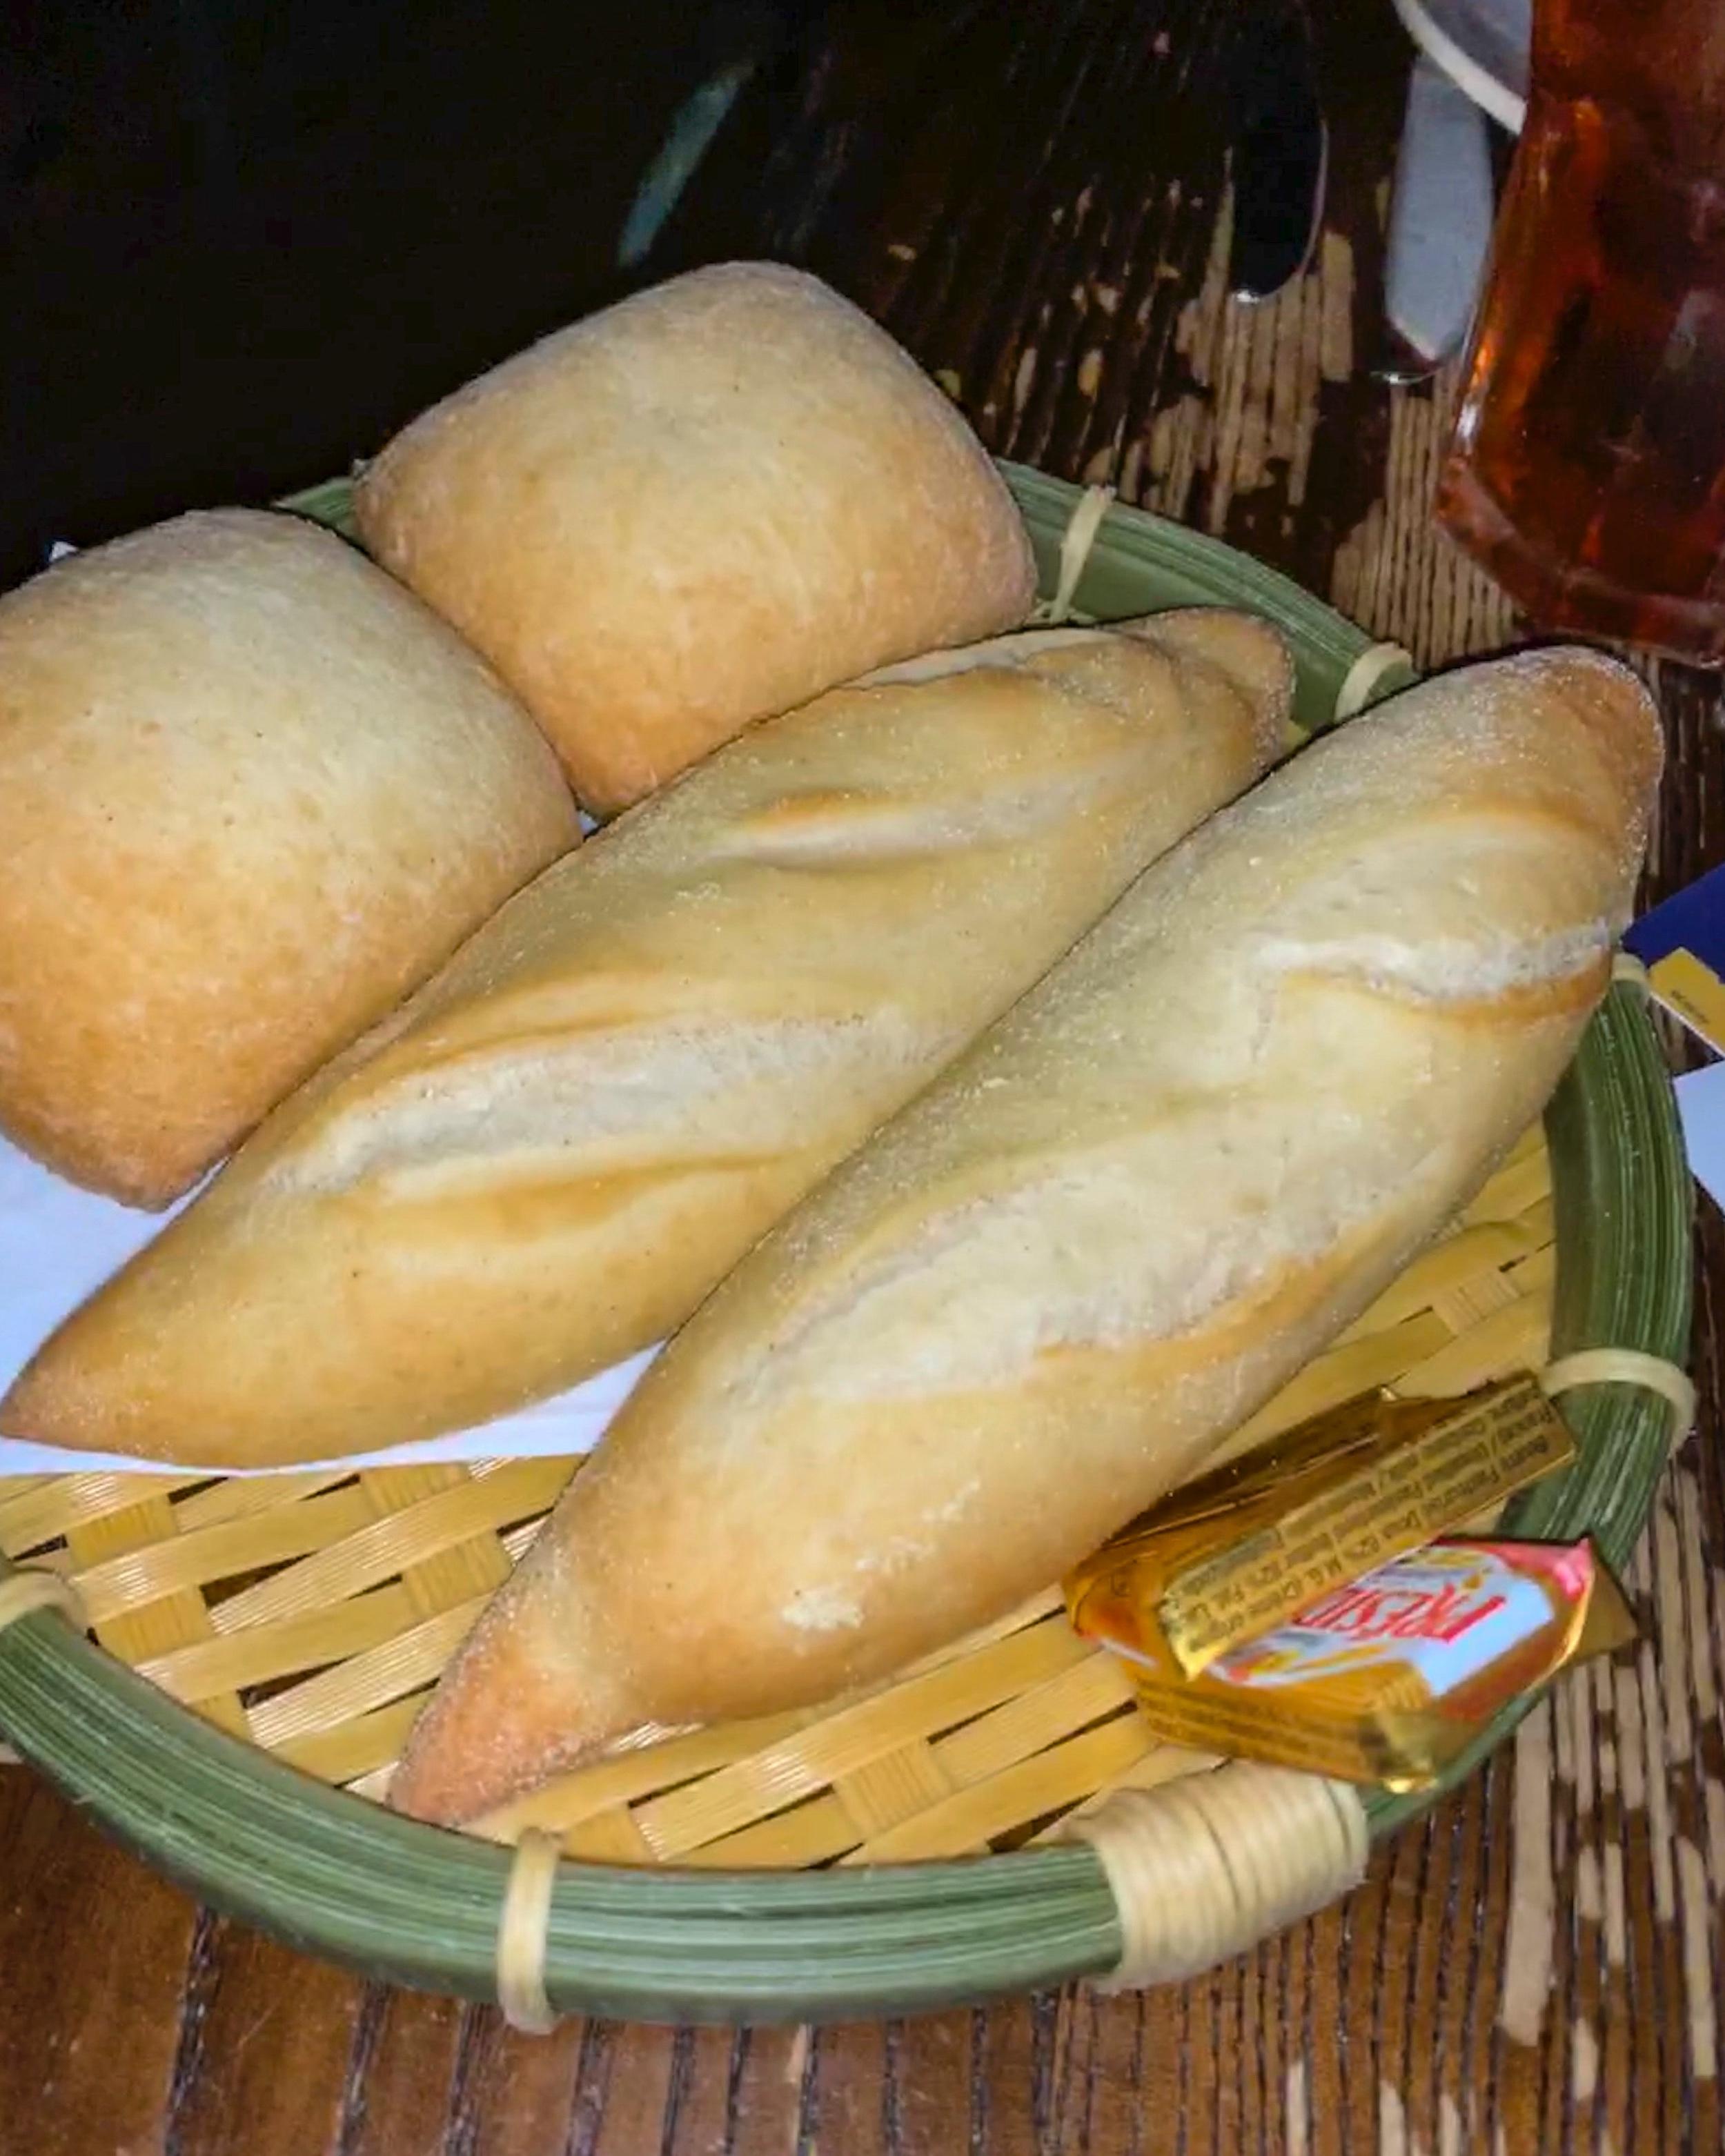 The bread service.